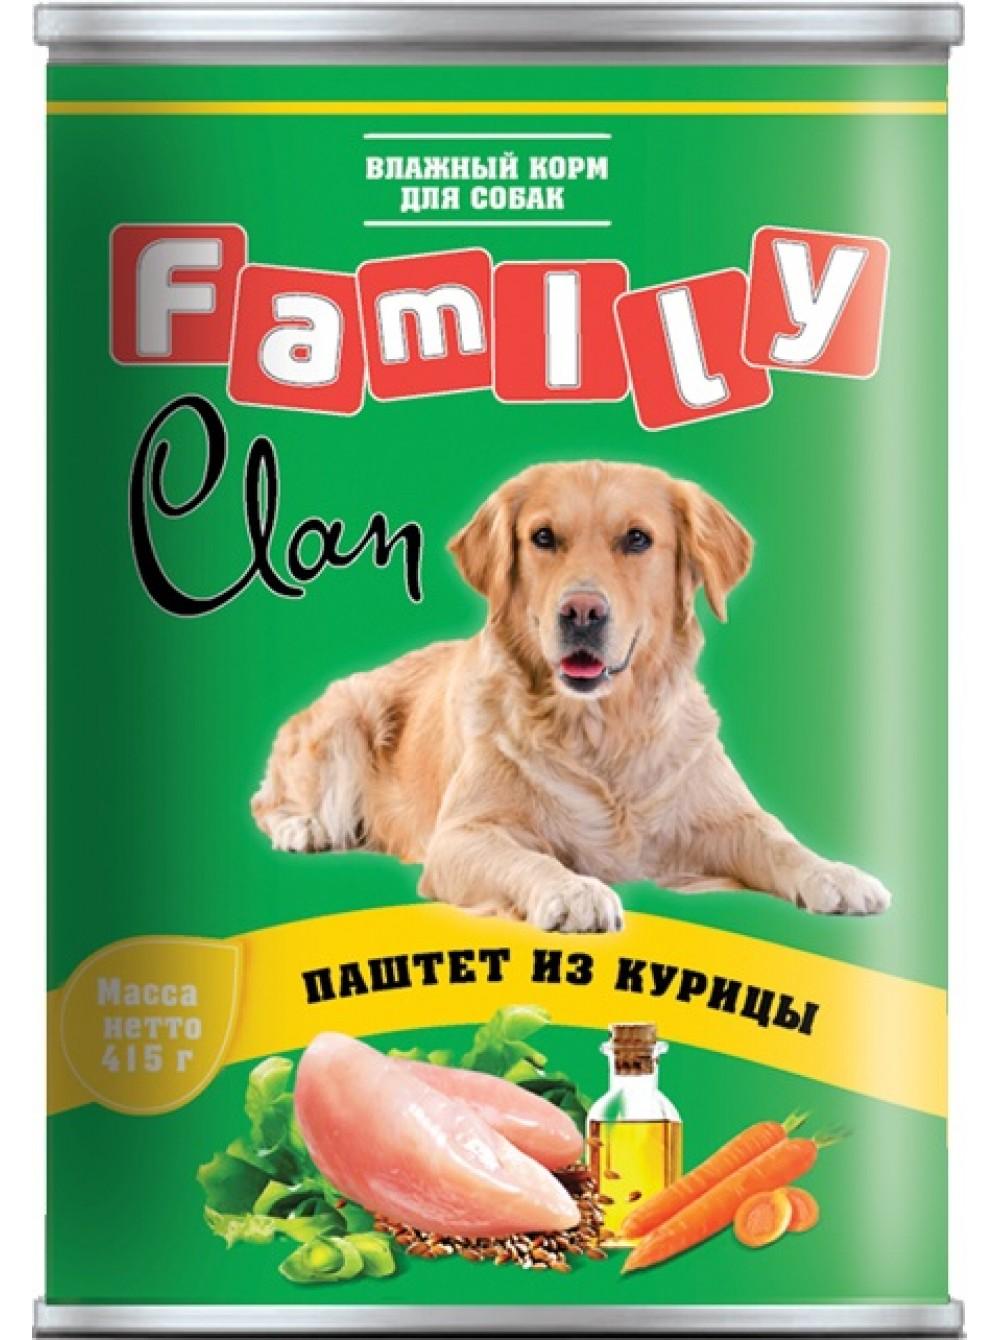 Клан Консервы FAMILY Паштет для собак, в ассортименте, 415 г, Clan